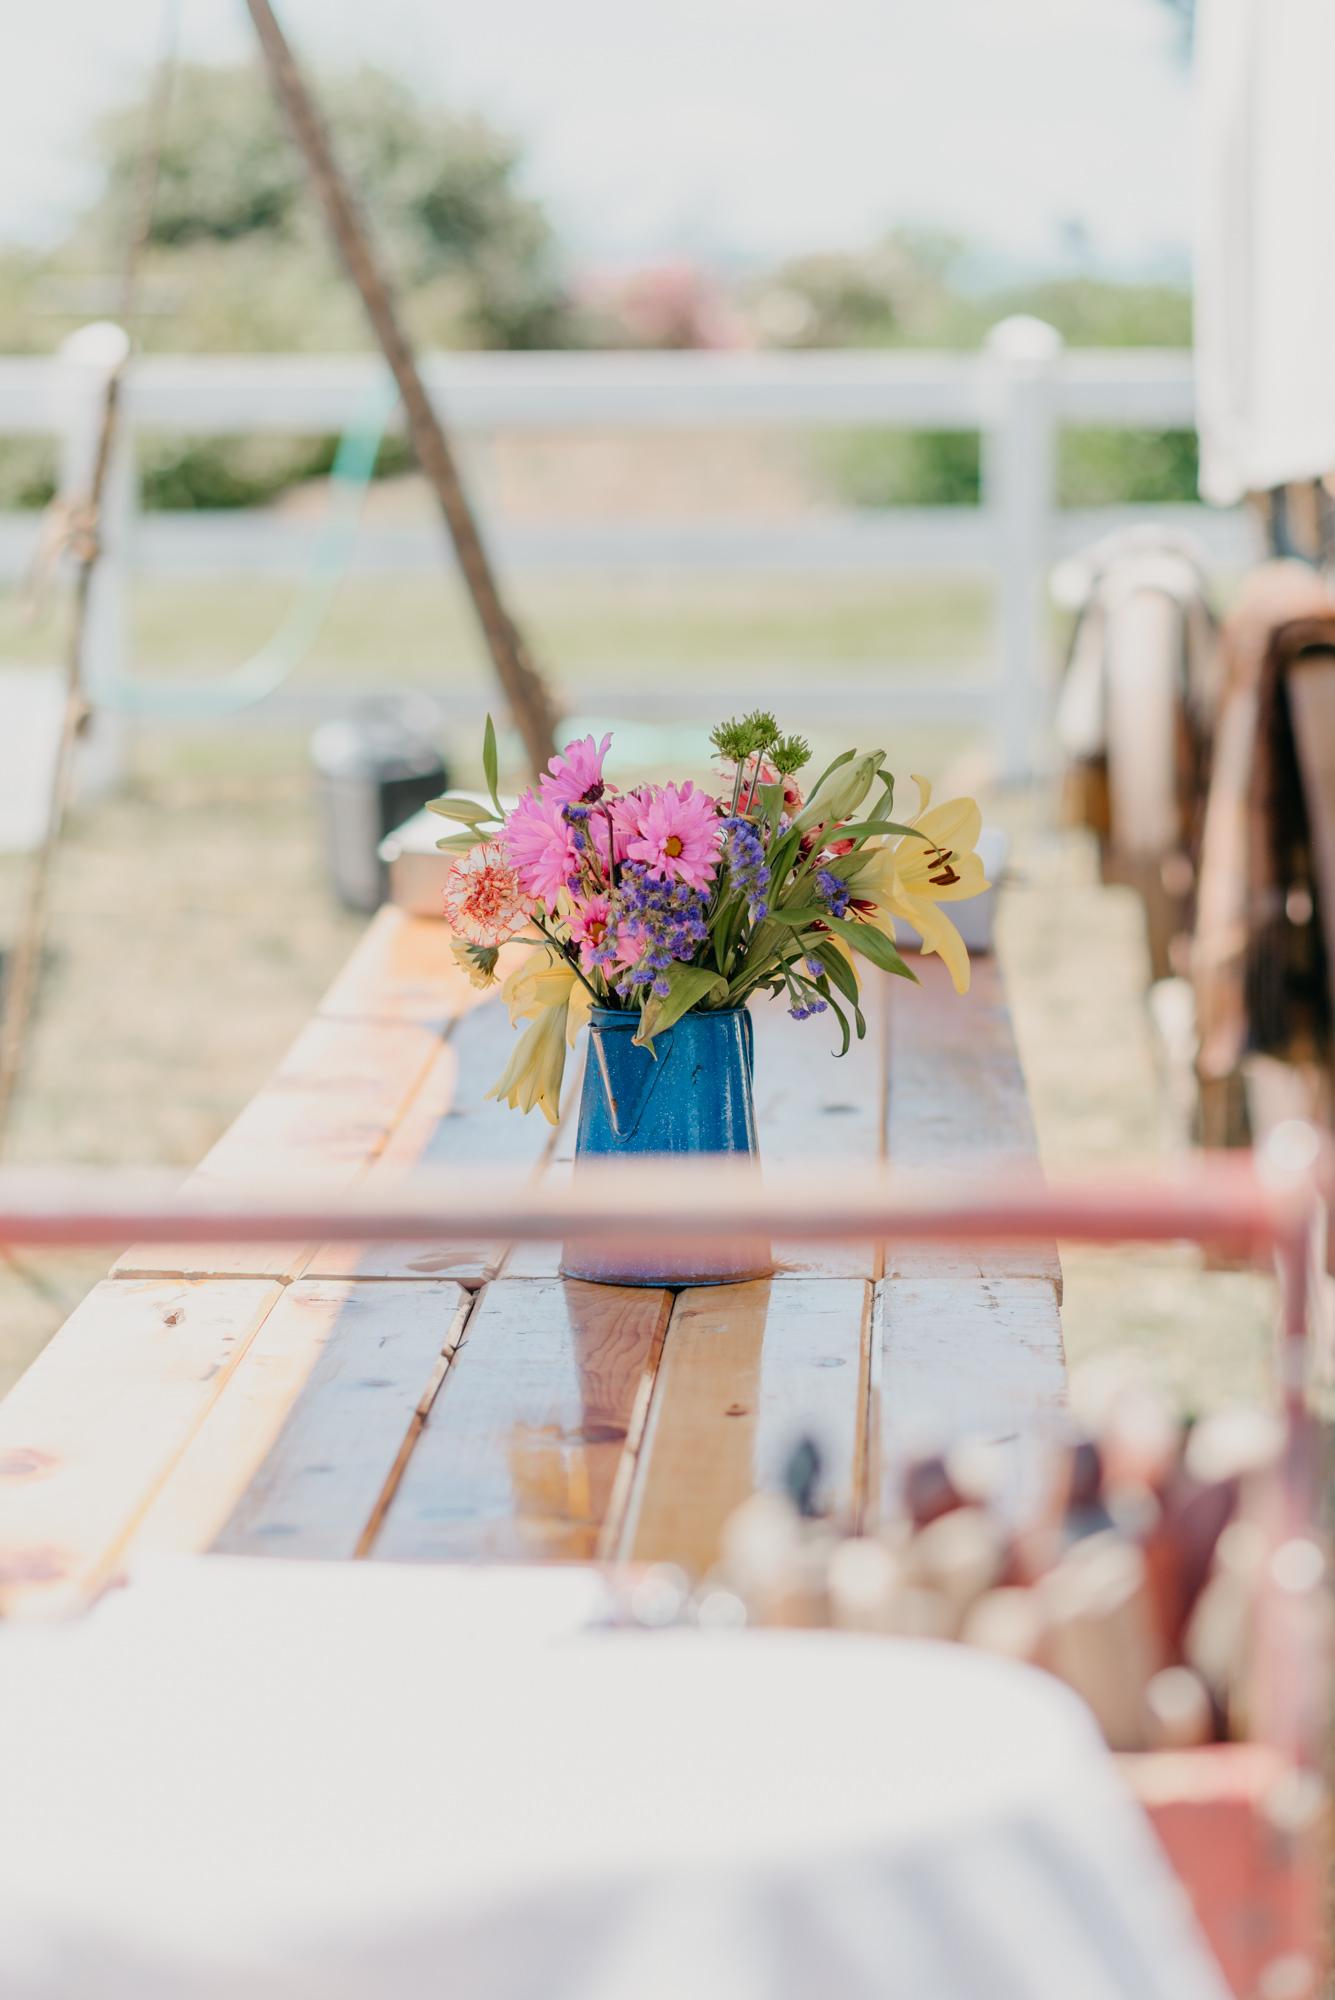 6-Getting-Ready-barn-kestrel-wedding-photos-grey-suit.jpg